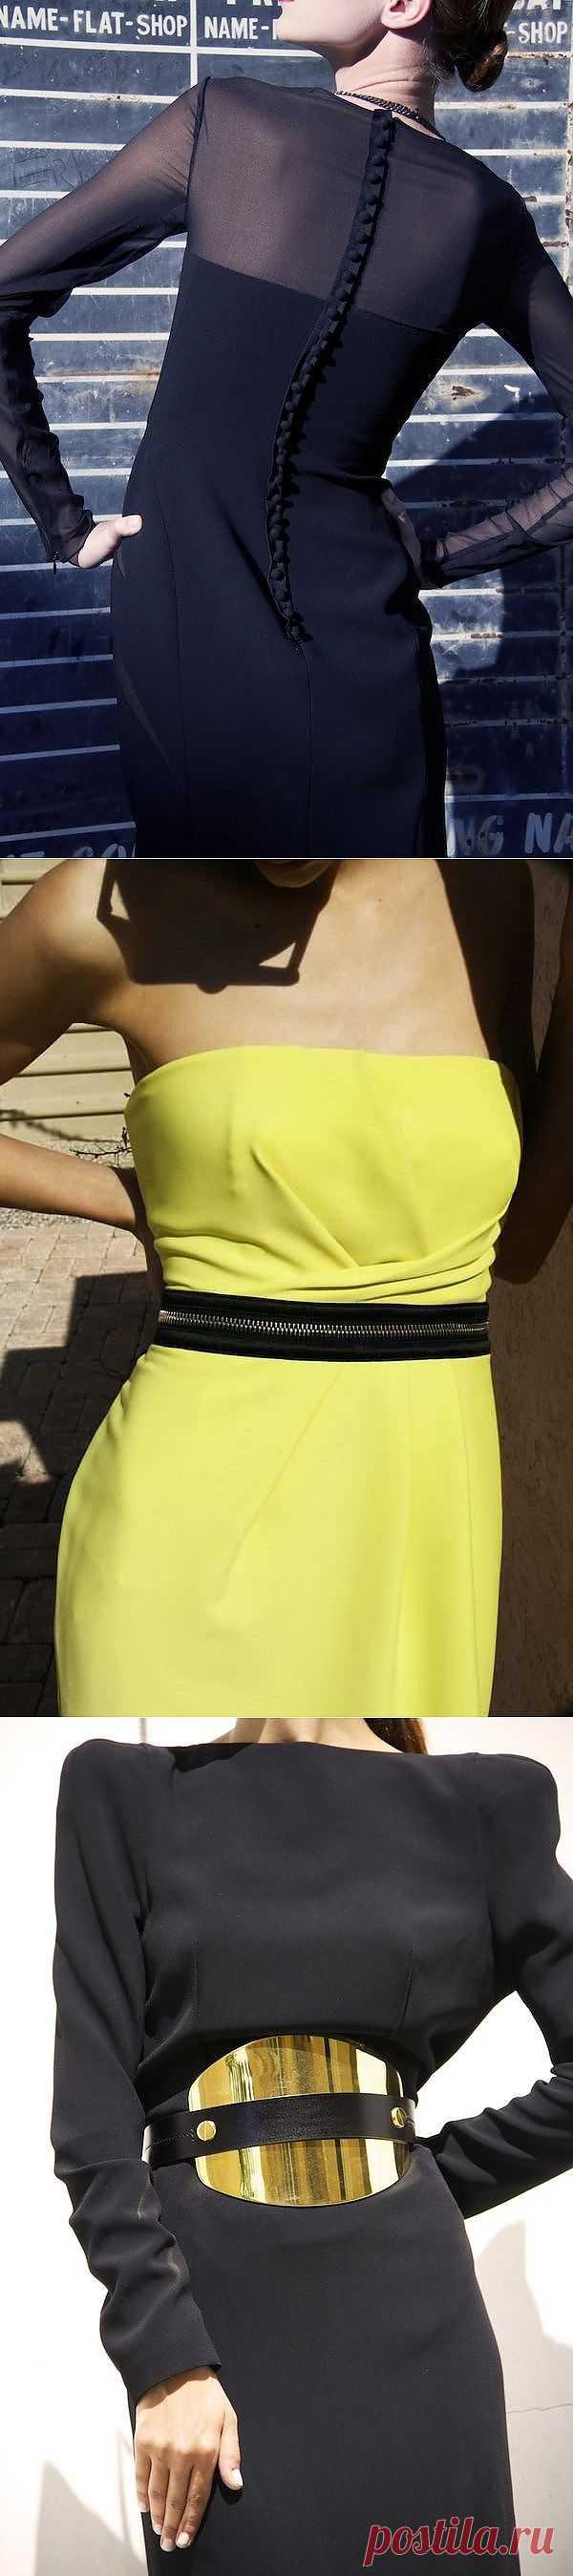 Платья. Детали (подборка) / Платья Diy / Модный сайт о стильной переделке одежды и интерьера